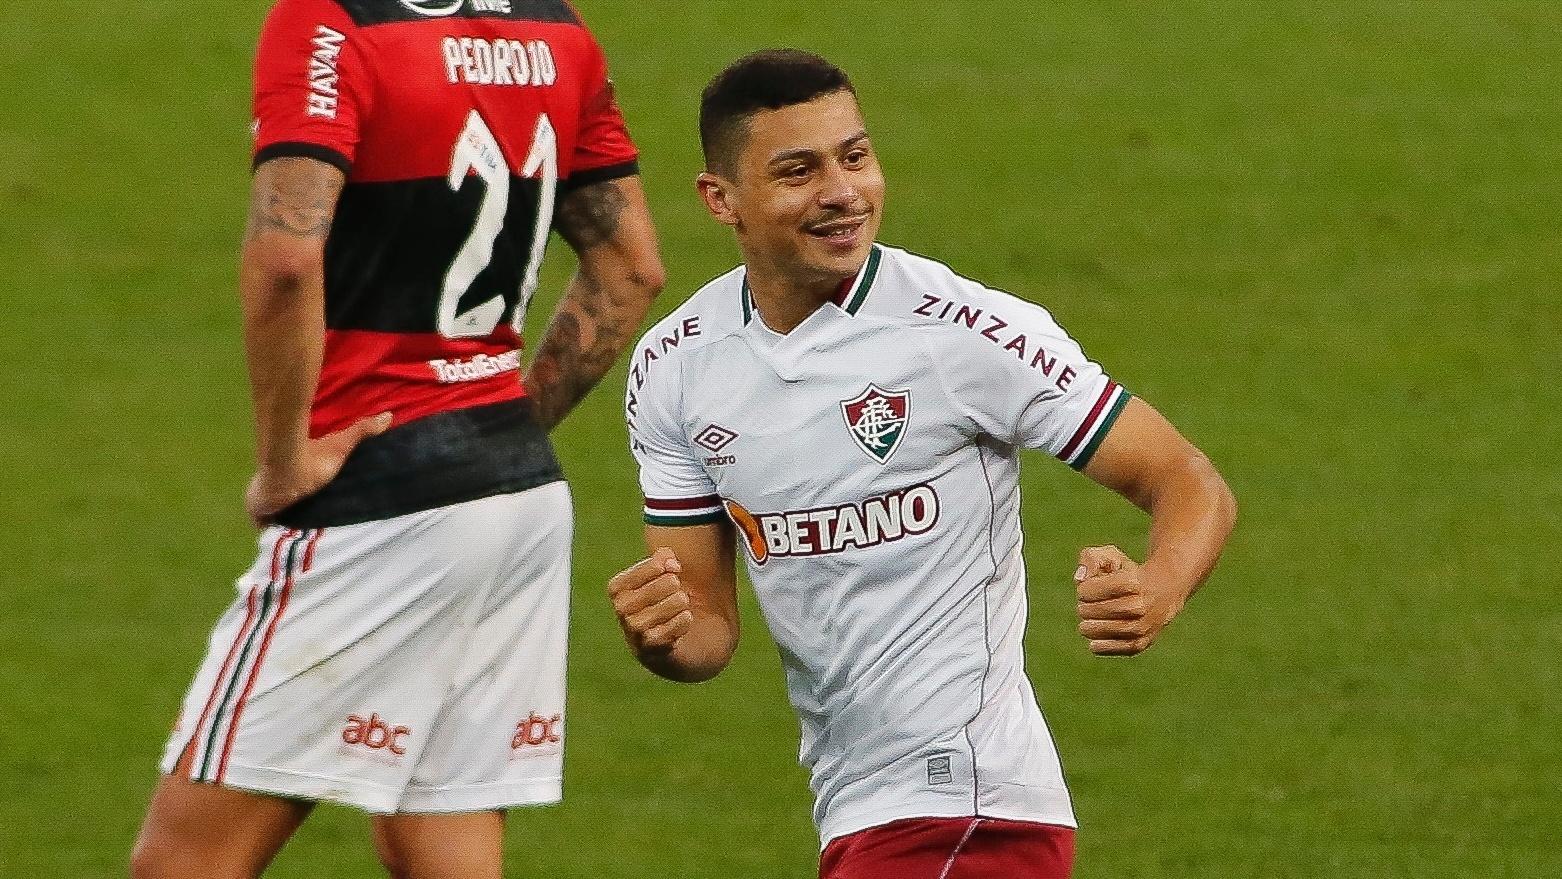 André comemora o gol marcado no final da partida garantindo a vitória do Fluminense de 1 a 0 sobre o Flamengo